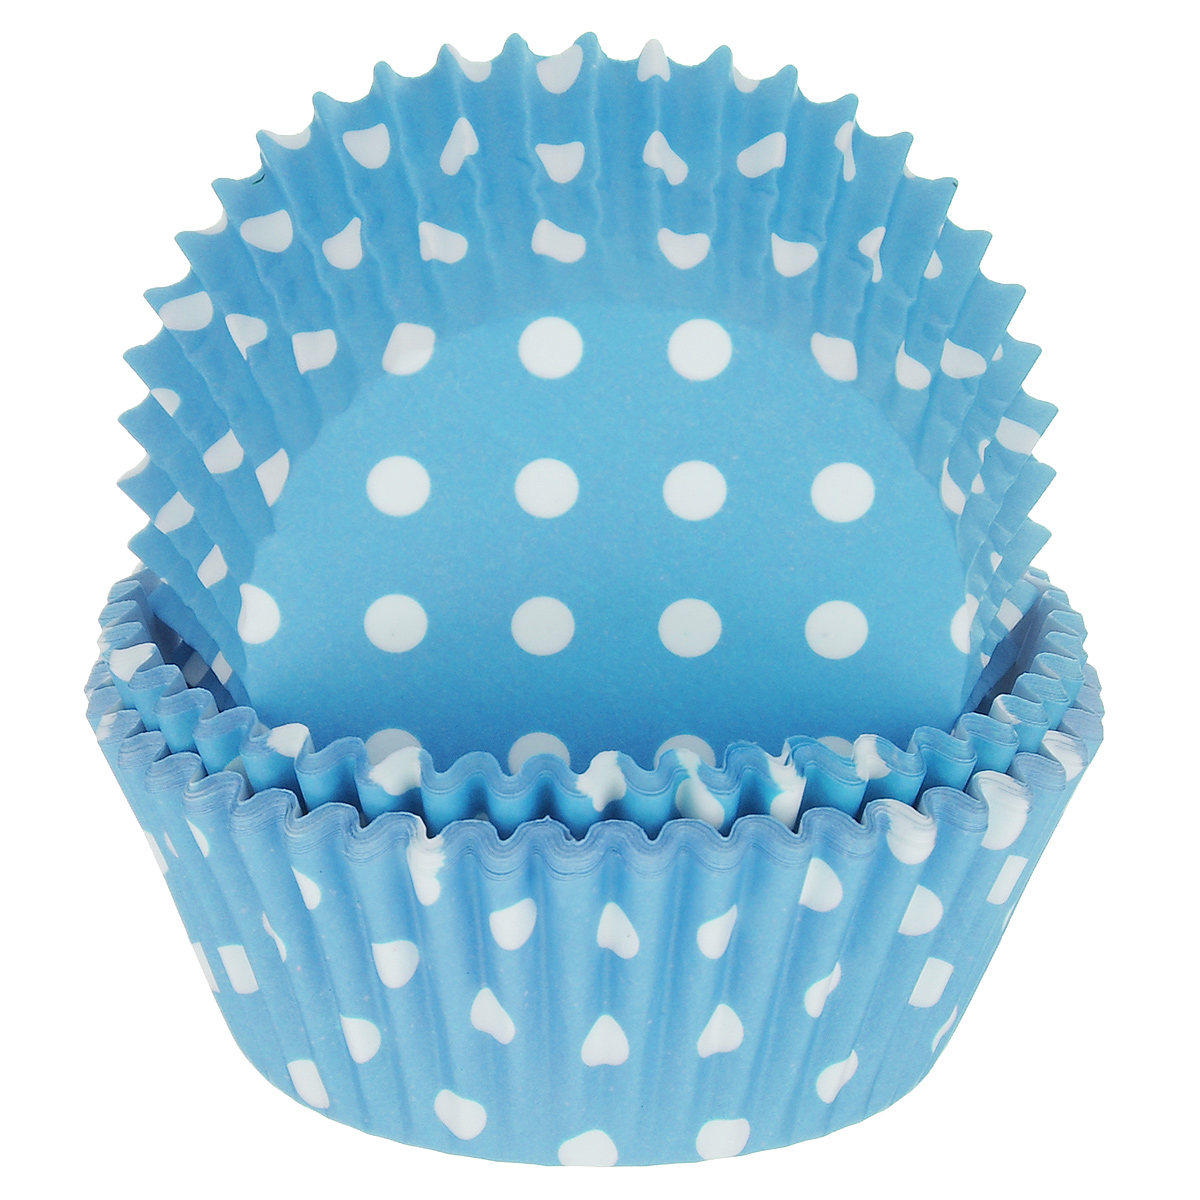 Набор бумажных форм для кексов Dolce Arti Горошек, цвет: голубой, диаметр 5 см, 50 штDA080203Набор Dolce Arti Горошек состоит из 50 бумажных форм для кексов, оформленных принтом в горох. Они предназначены для выпечки и упаковки кондитерских изделий, также могут использоваться для сервировки орешков, конфет и много другого. Для одноразового применения. Гофрированные бумажные формы идеальны для выпечки кексов, булочек и пирожных.Высота стенки: 3 см. Диаметр (по верхнему краю): 7 см.Диаметр дна: 5 см.